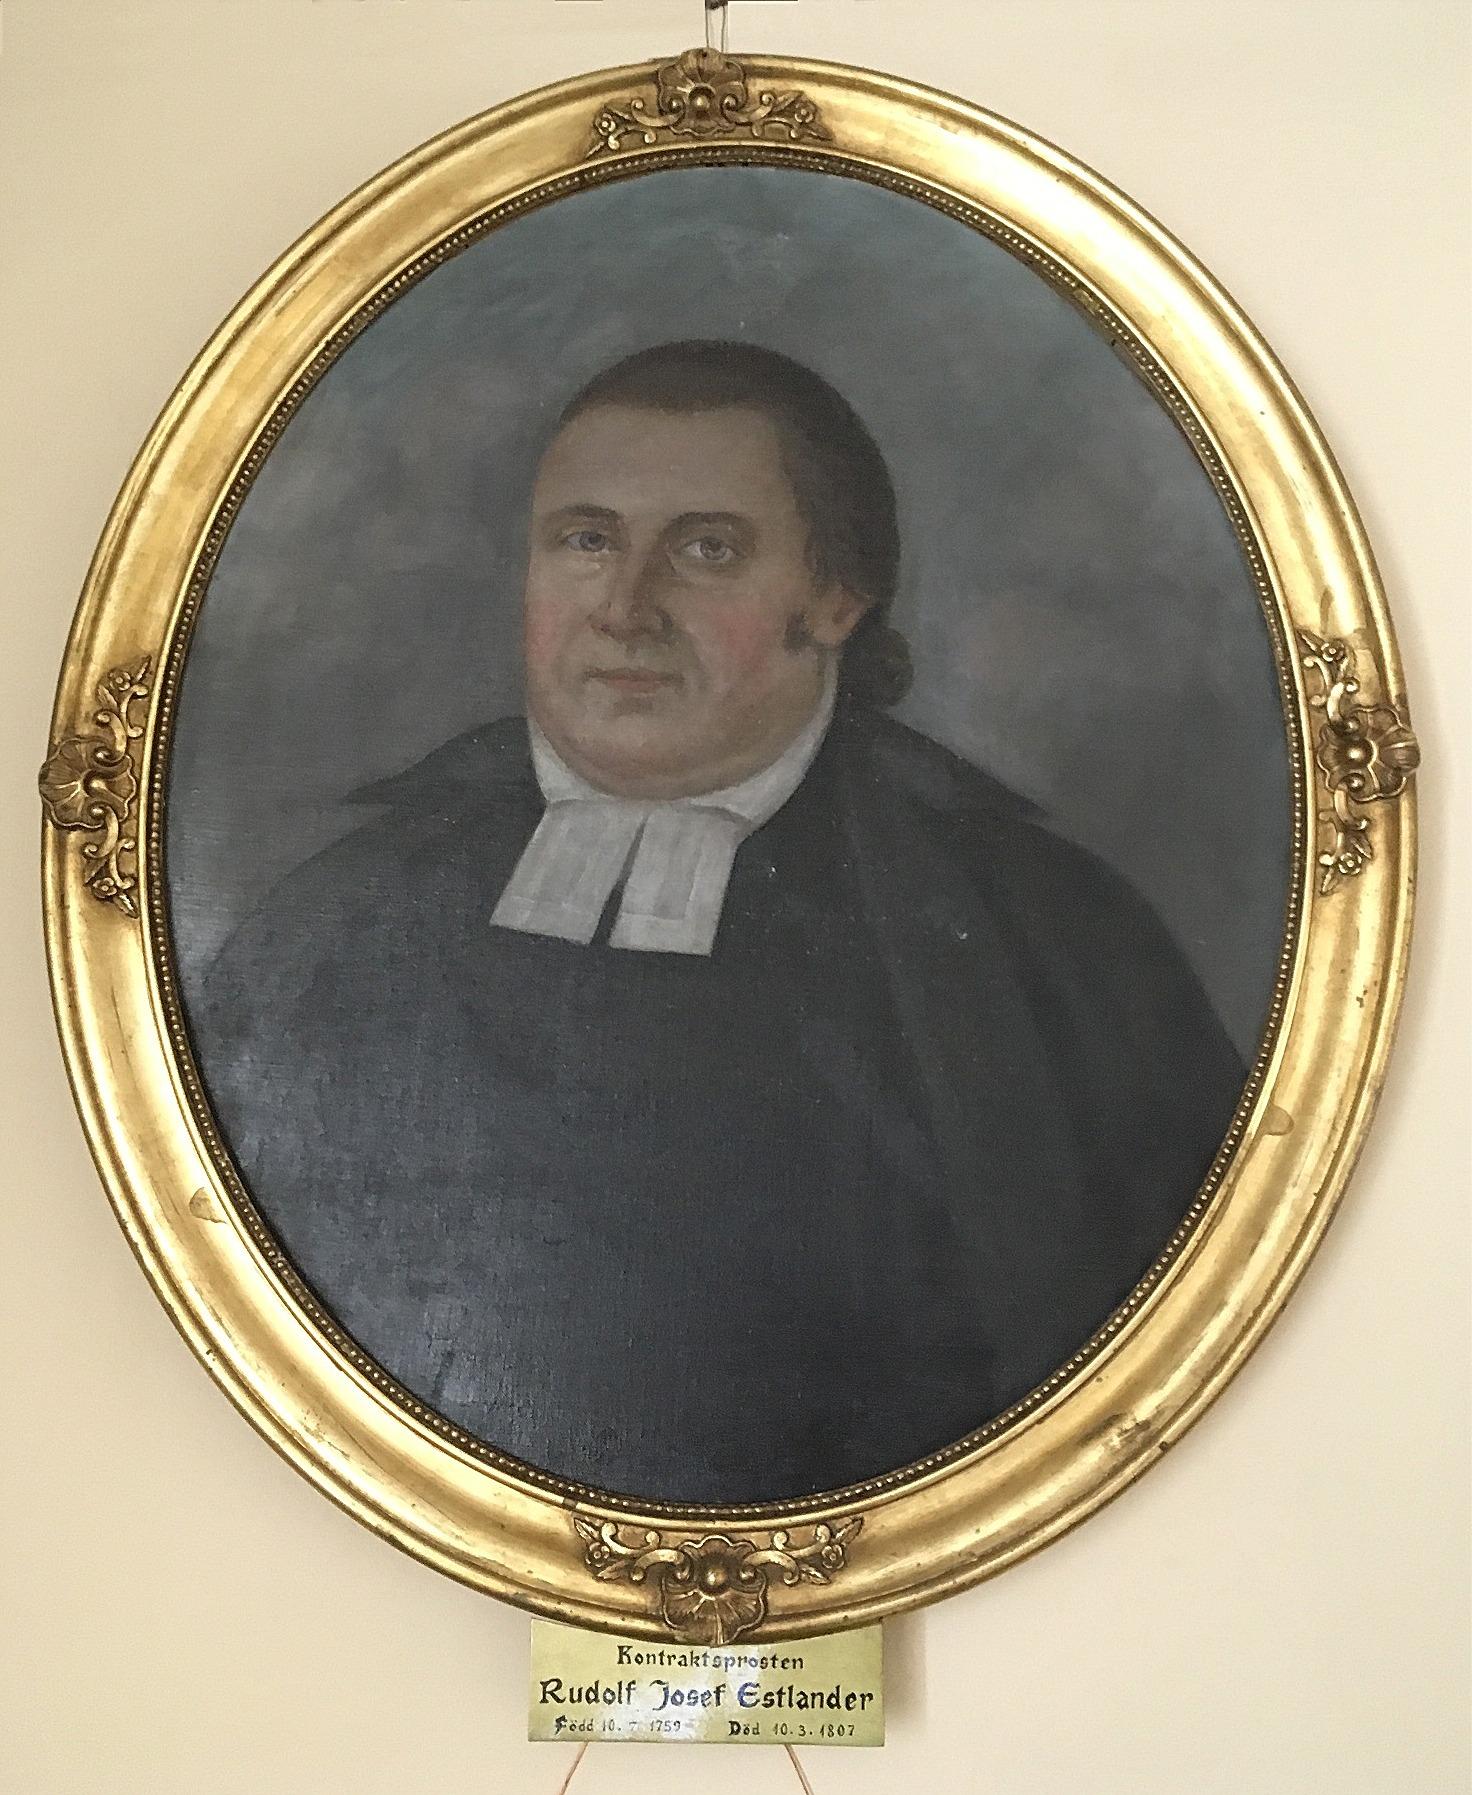 Denna tavla som hänger i kyrkans sakristia föreställer Rudolf Estlander som levde mellan åren 1759 - 1807 och verkade som kyrkoherde mellan åren 1786 - 1807. Rudolfs släktingar i Helsingfors lät måla denna tavla utgående från en miniatyrtavla som de hade.